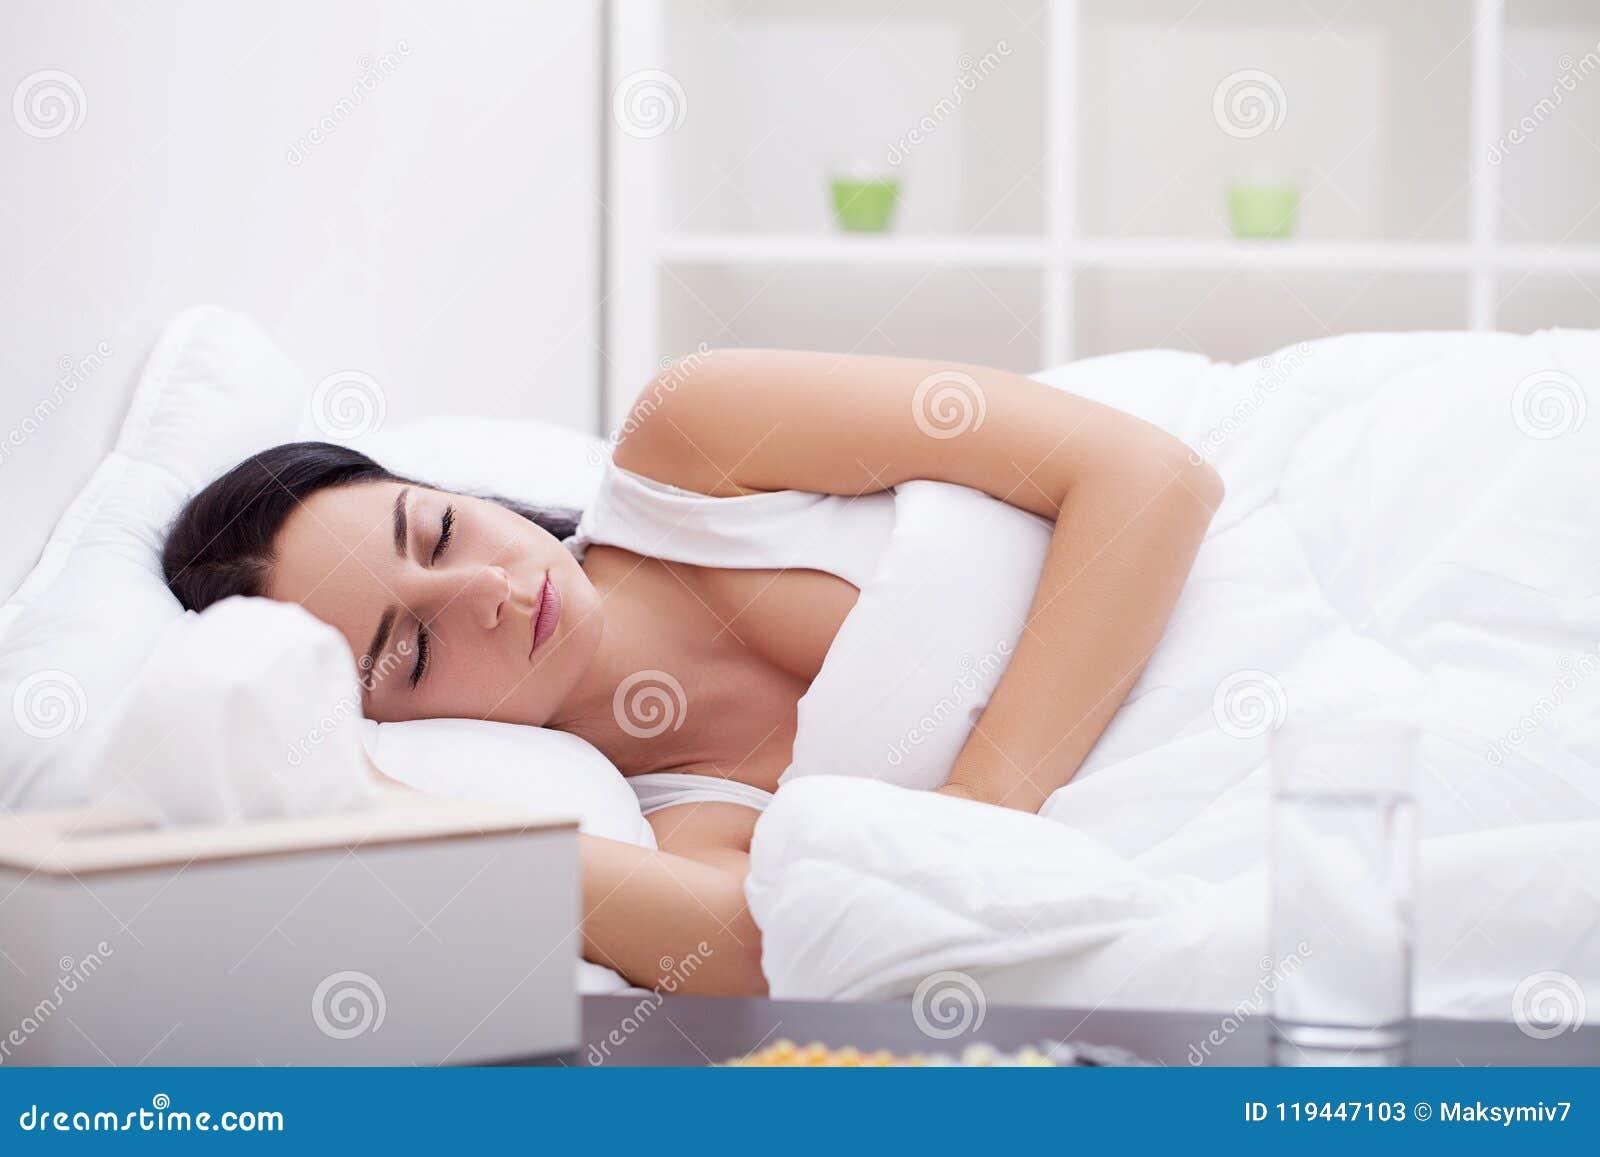 Работу во сне девушку высокооплачиваемые работы для девушек в москве список